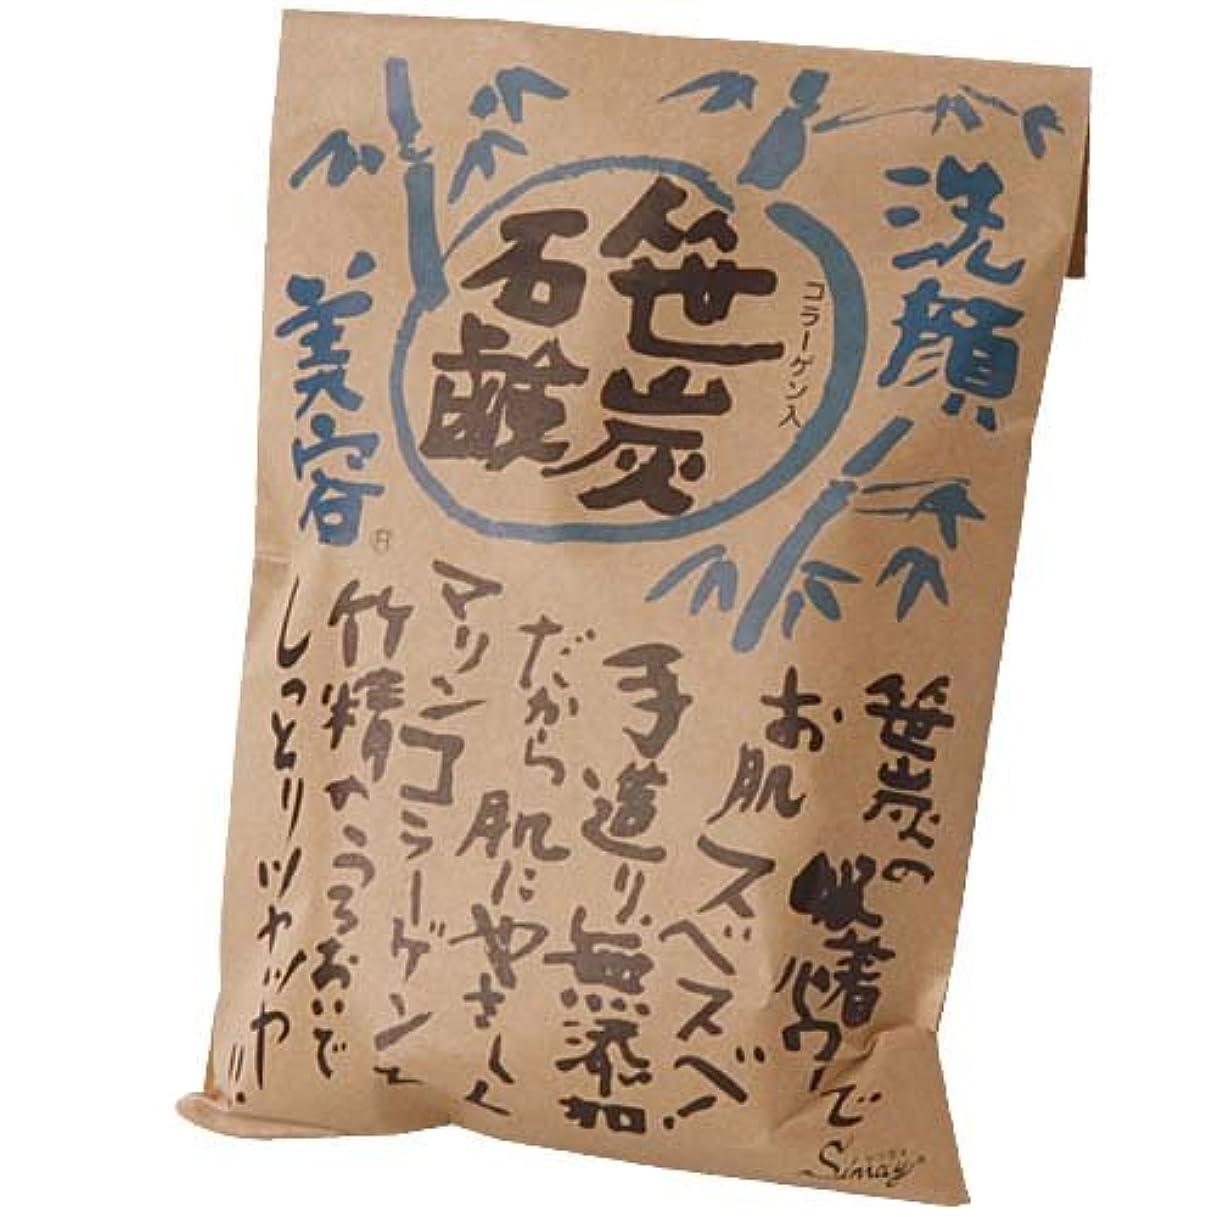 ヘルメットソファーストラトフォードオンエイボン笹炭石鹸コラーゲン入り(洗顔用)100g(?????付き)